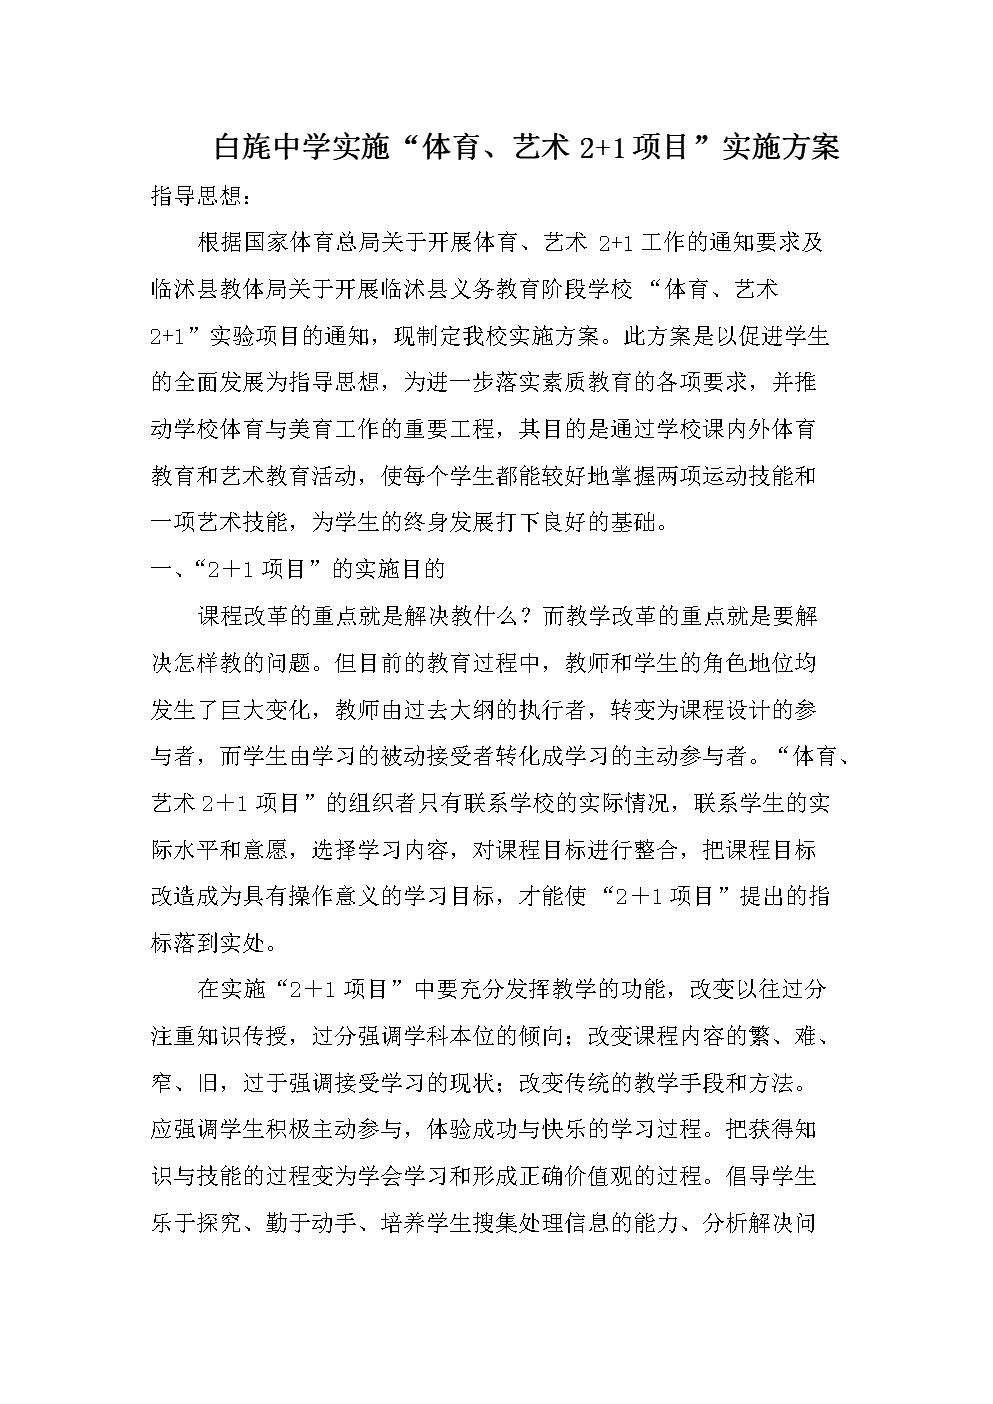 白旄中学体育艺术2+1实施方案及安全预案.doc